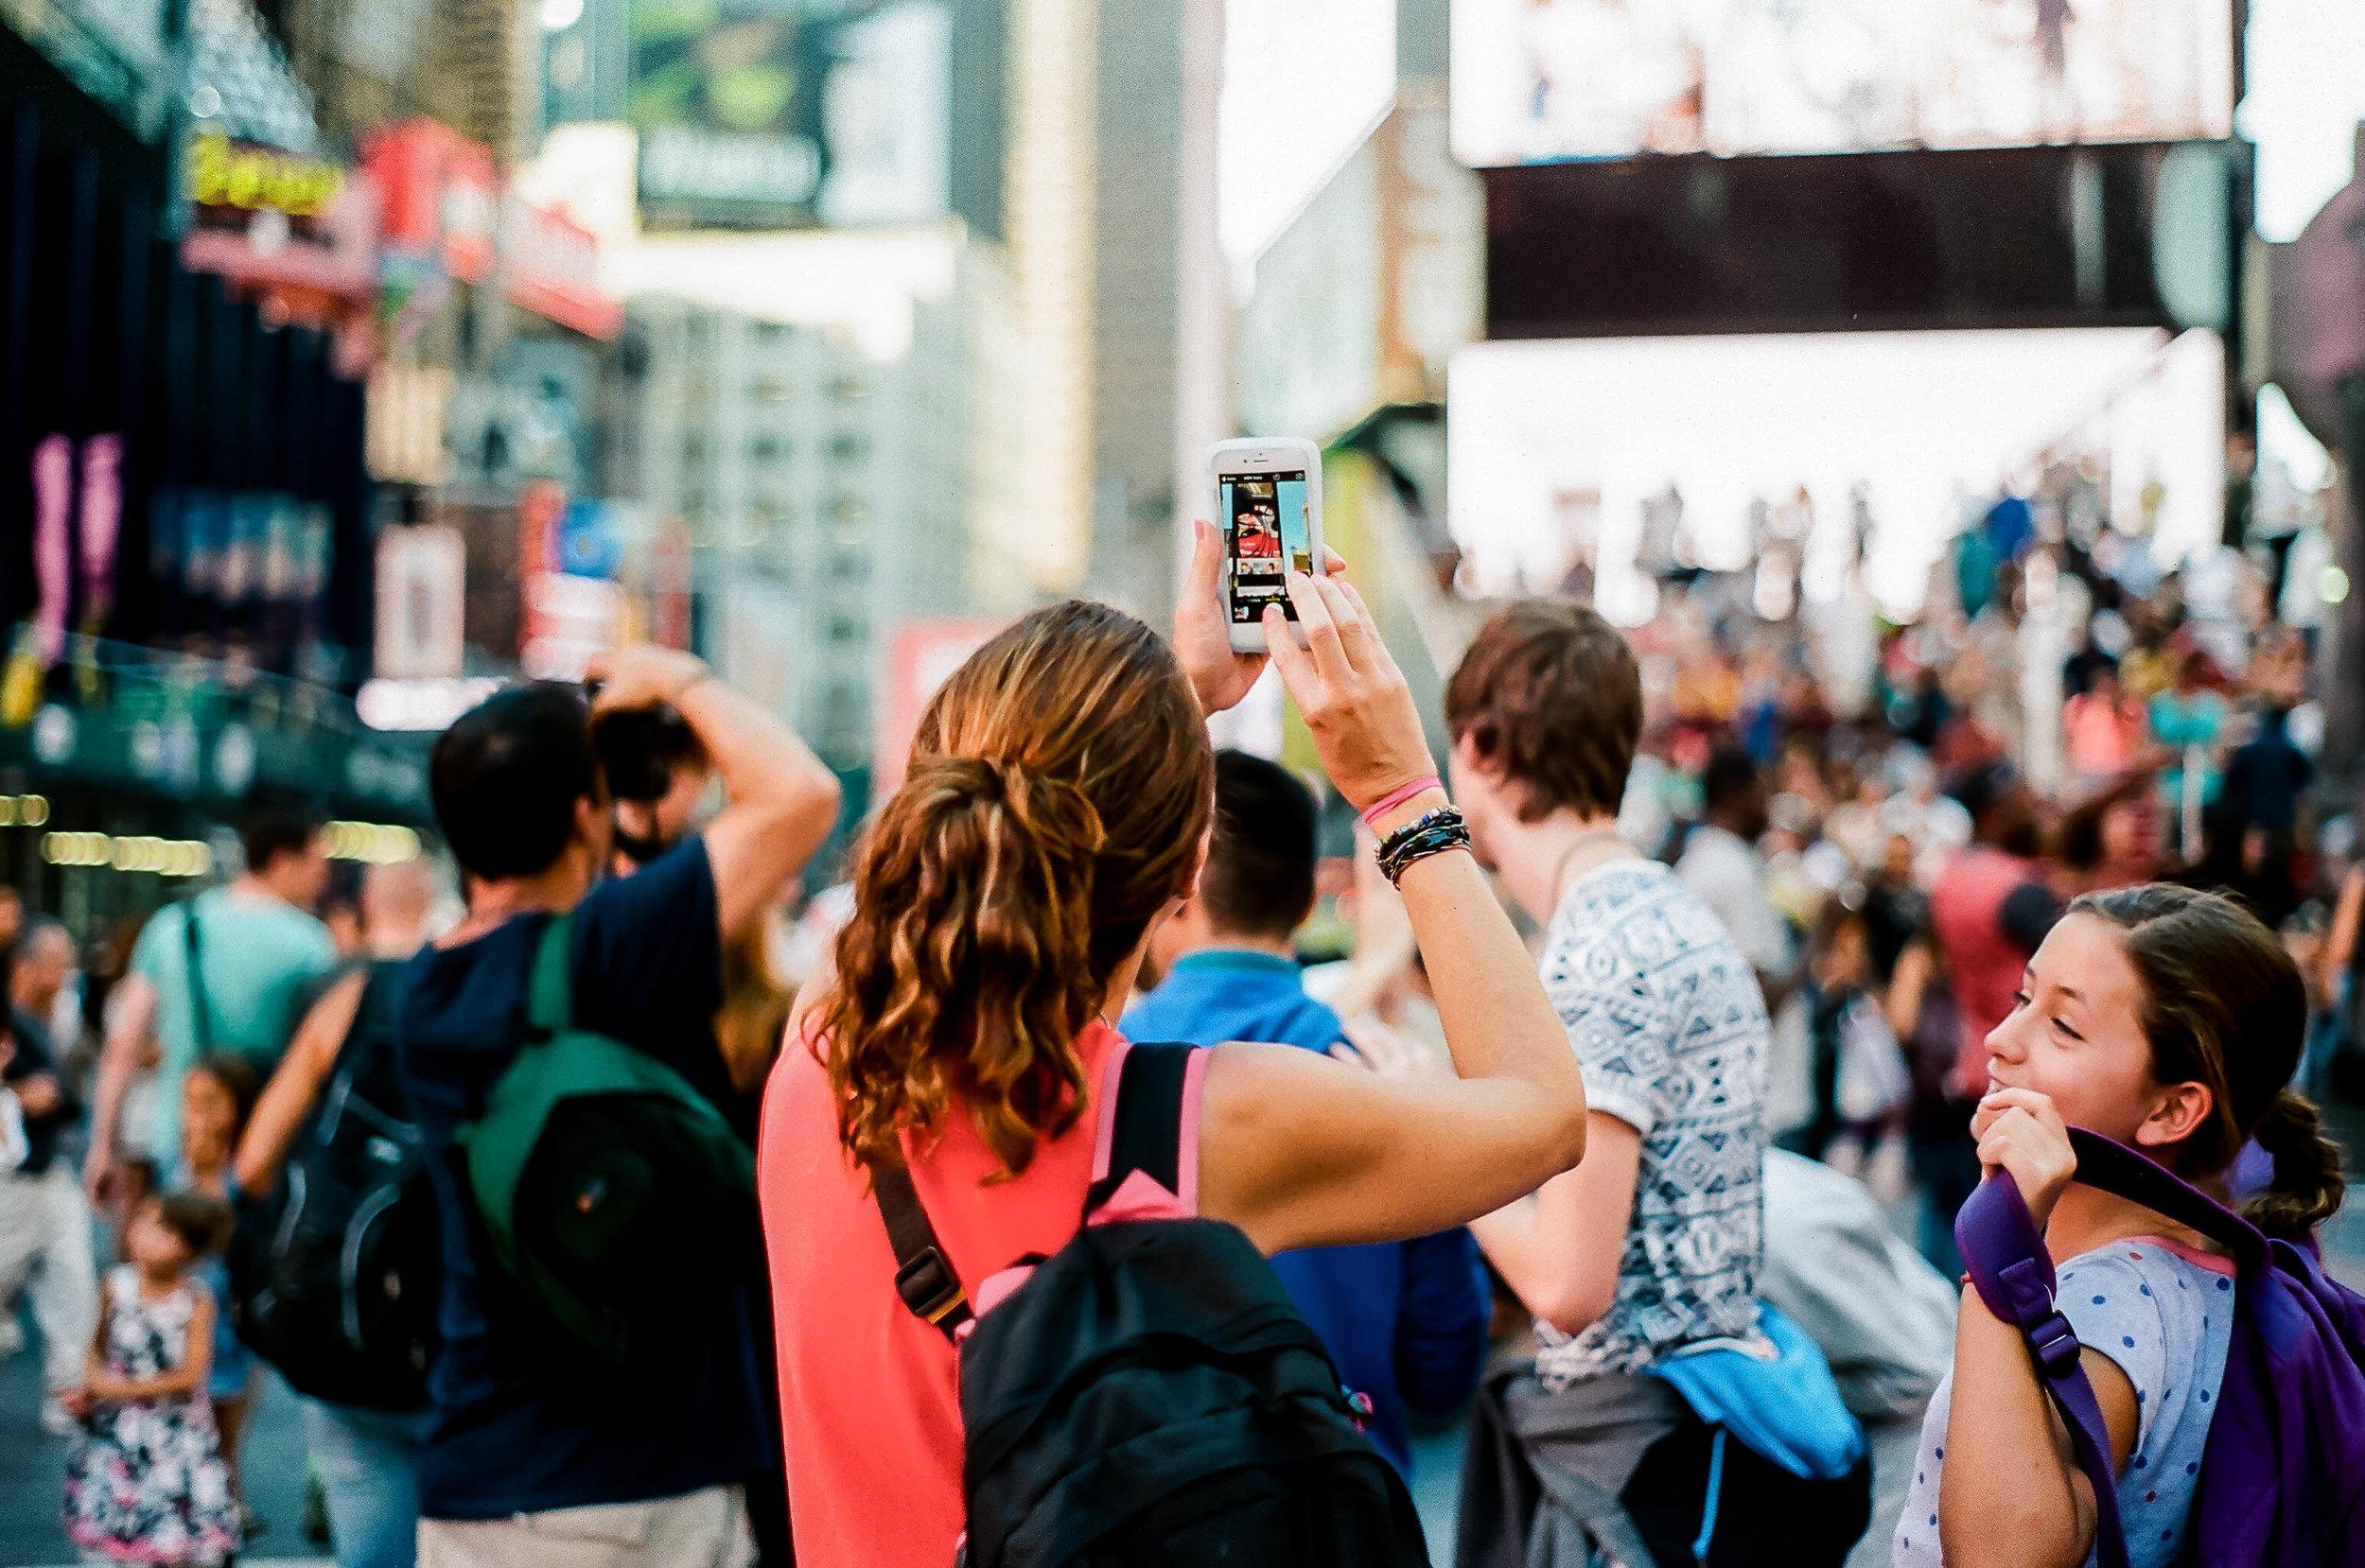 selfies_times_square-12.jpg